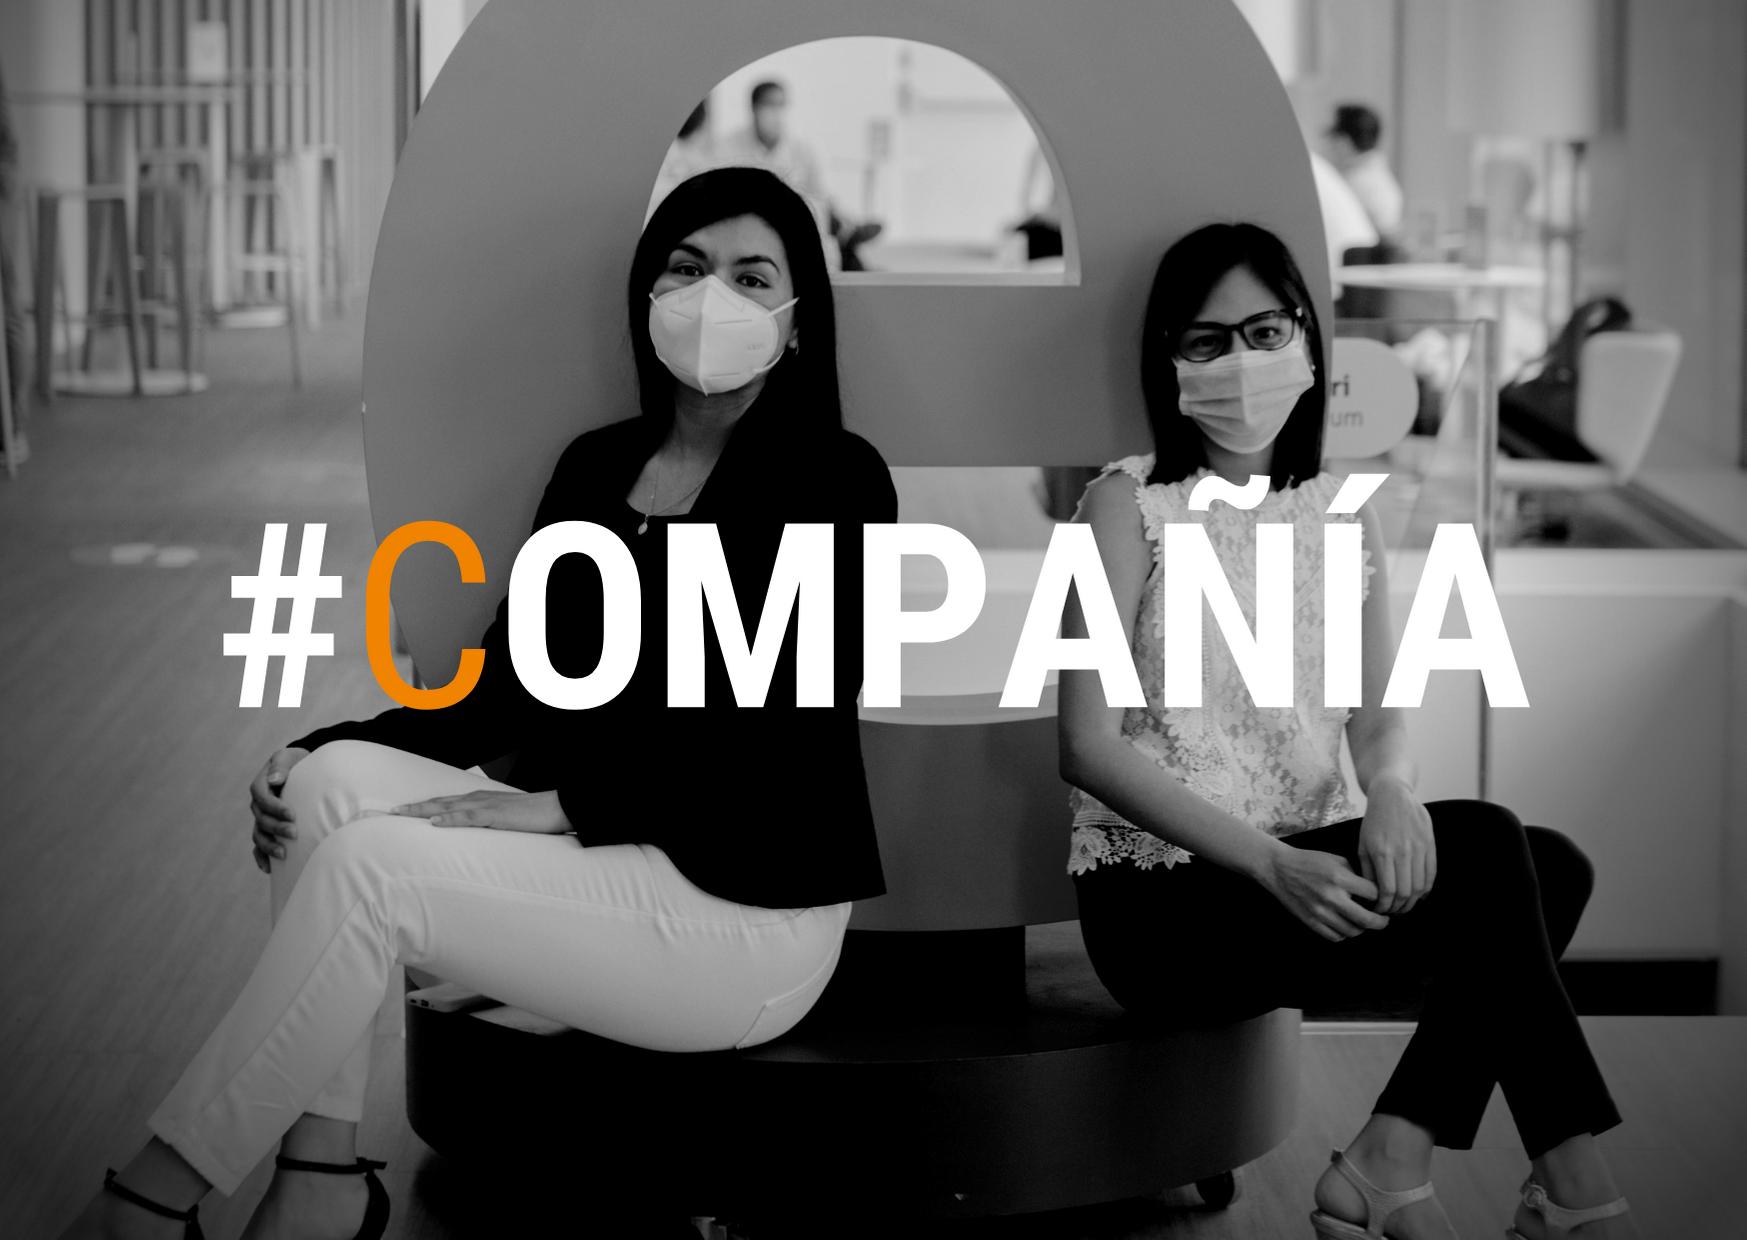 #Compañía